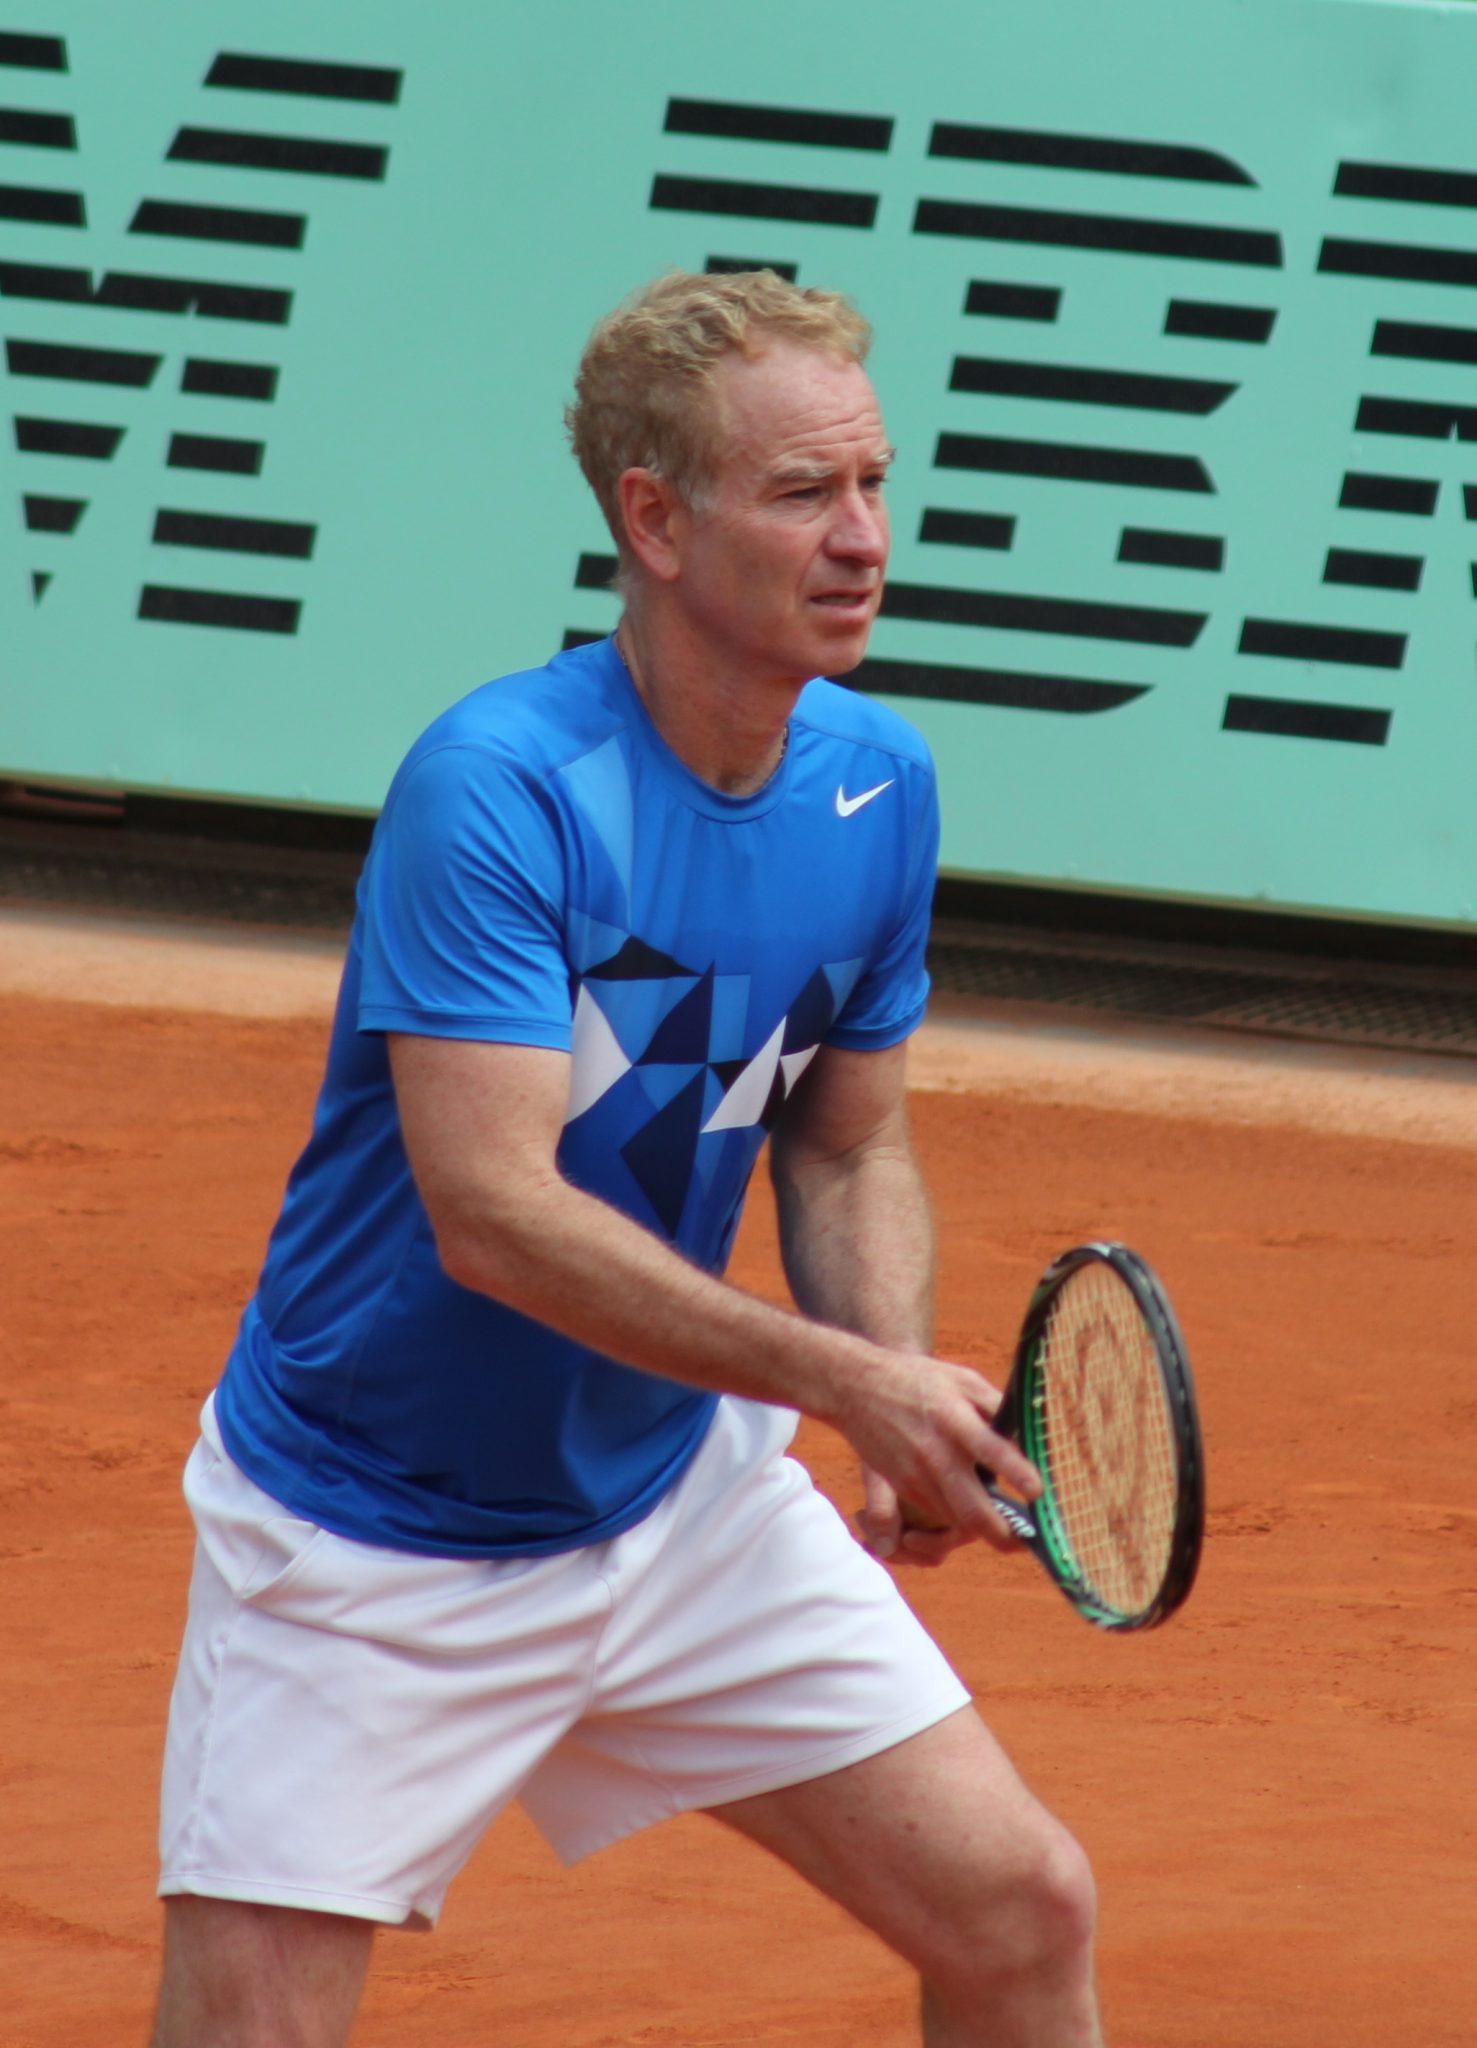 McEnroe in action.